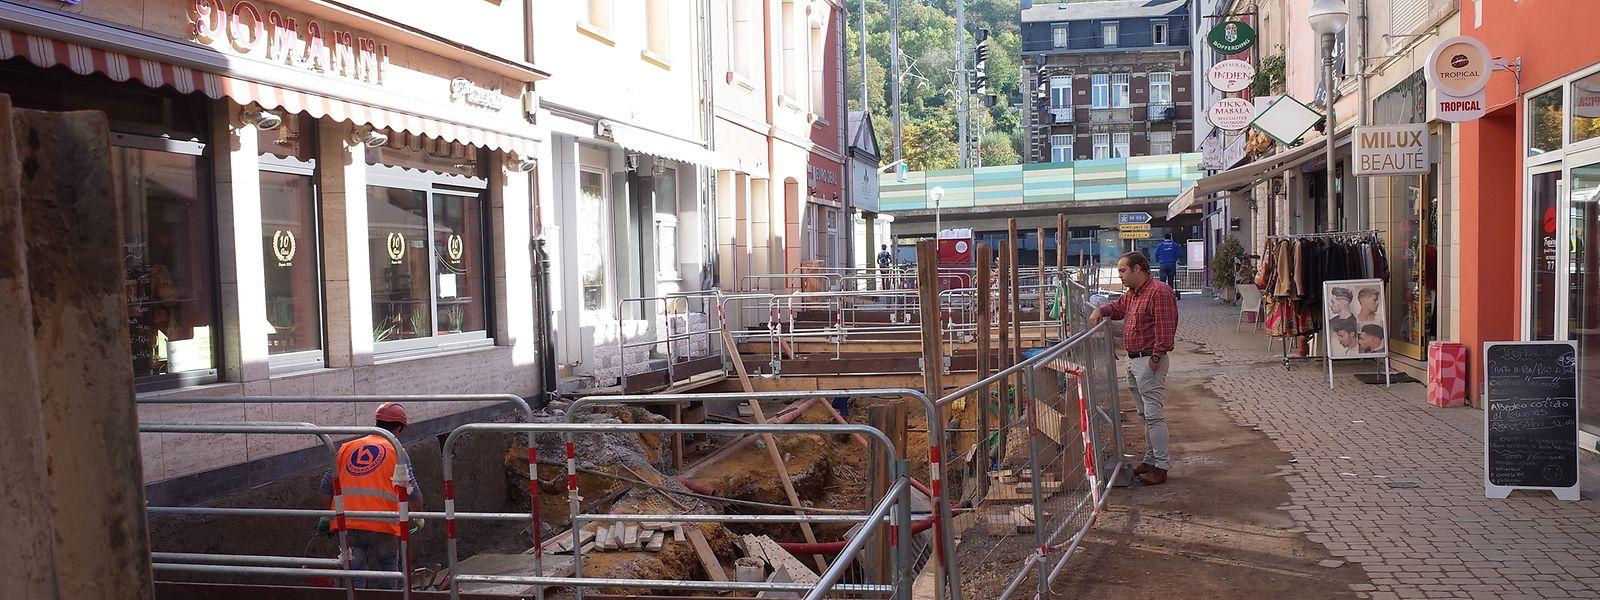 In der Rue du Brill werden die Arbeiten noch einige Monate andauern. Voraussichtlich soll alles für Ostern 2019 abgeschlossen sein.